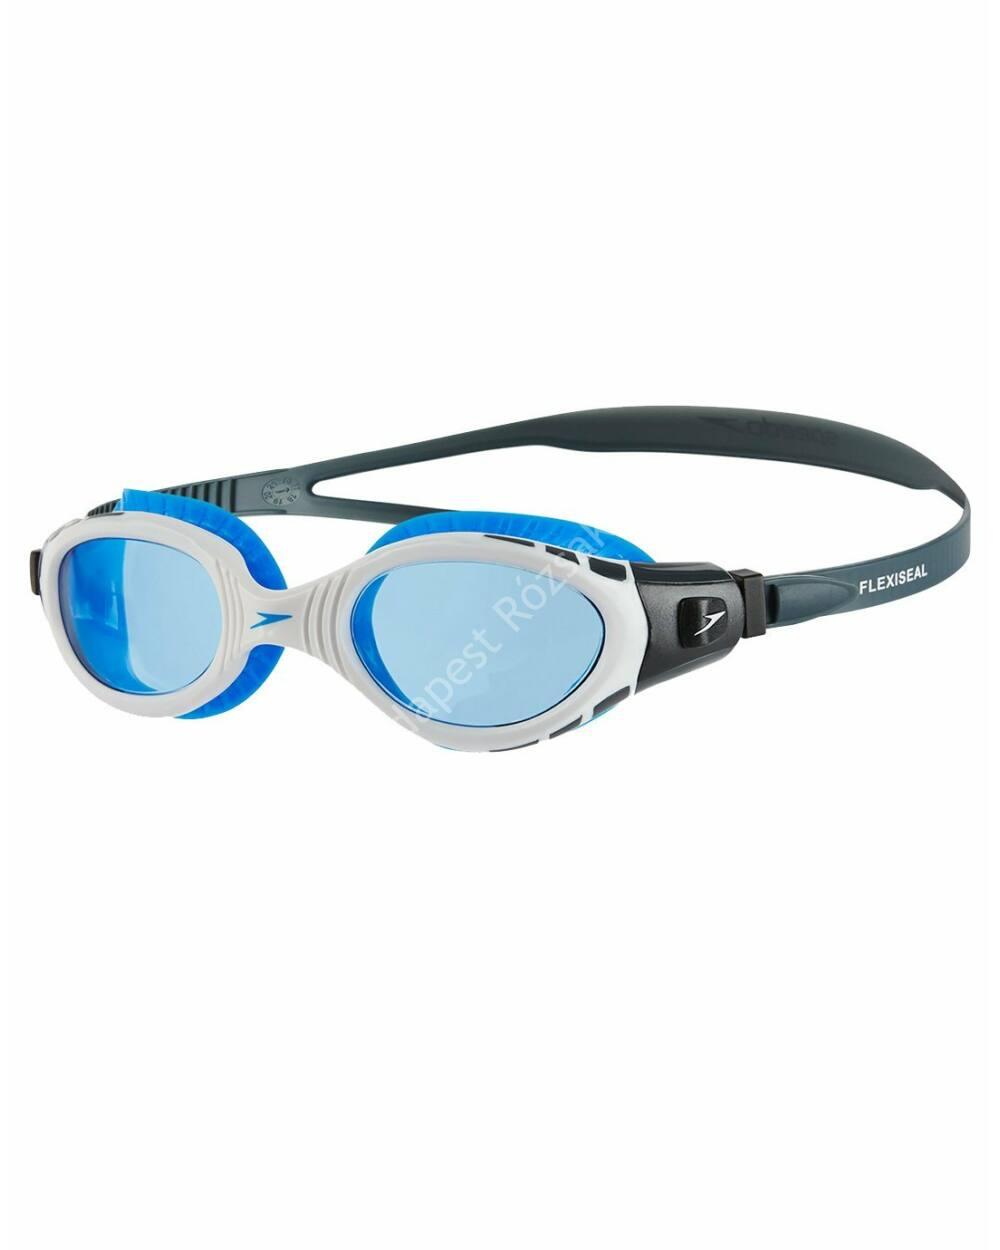 Speedo futura biofuse flexiseal úszószemüveg, fehér-kék